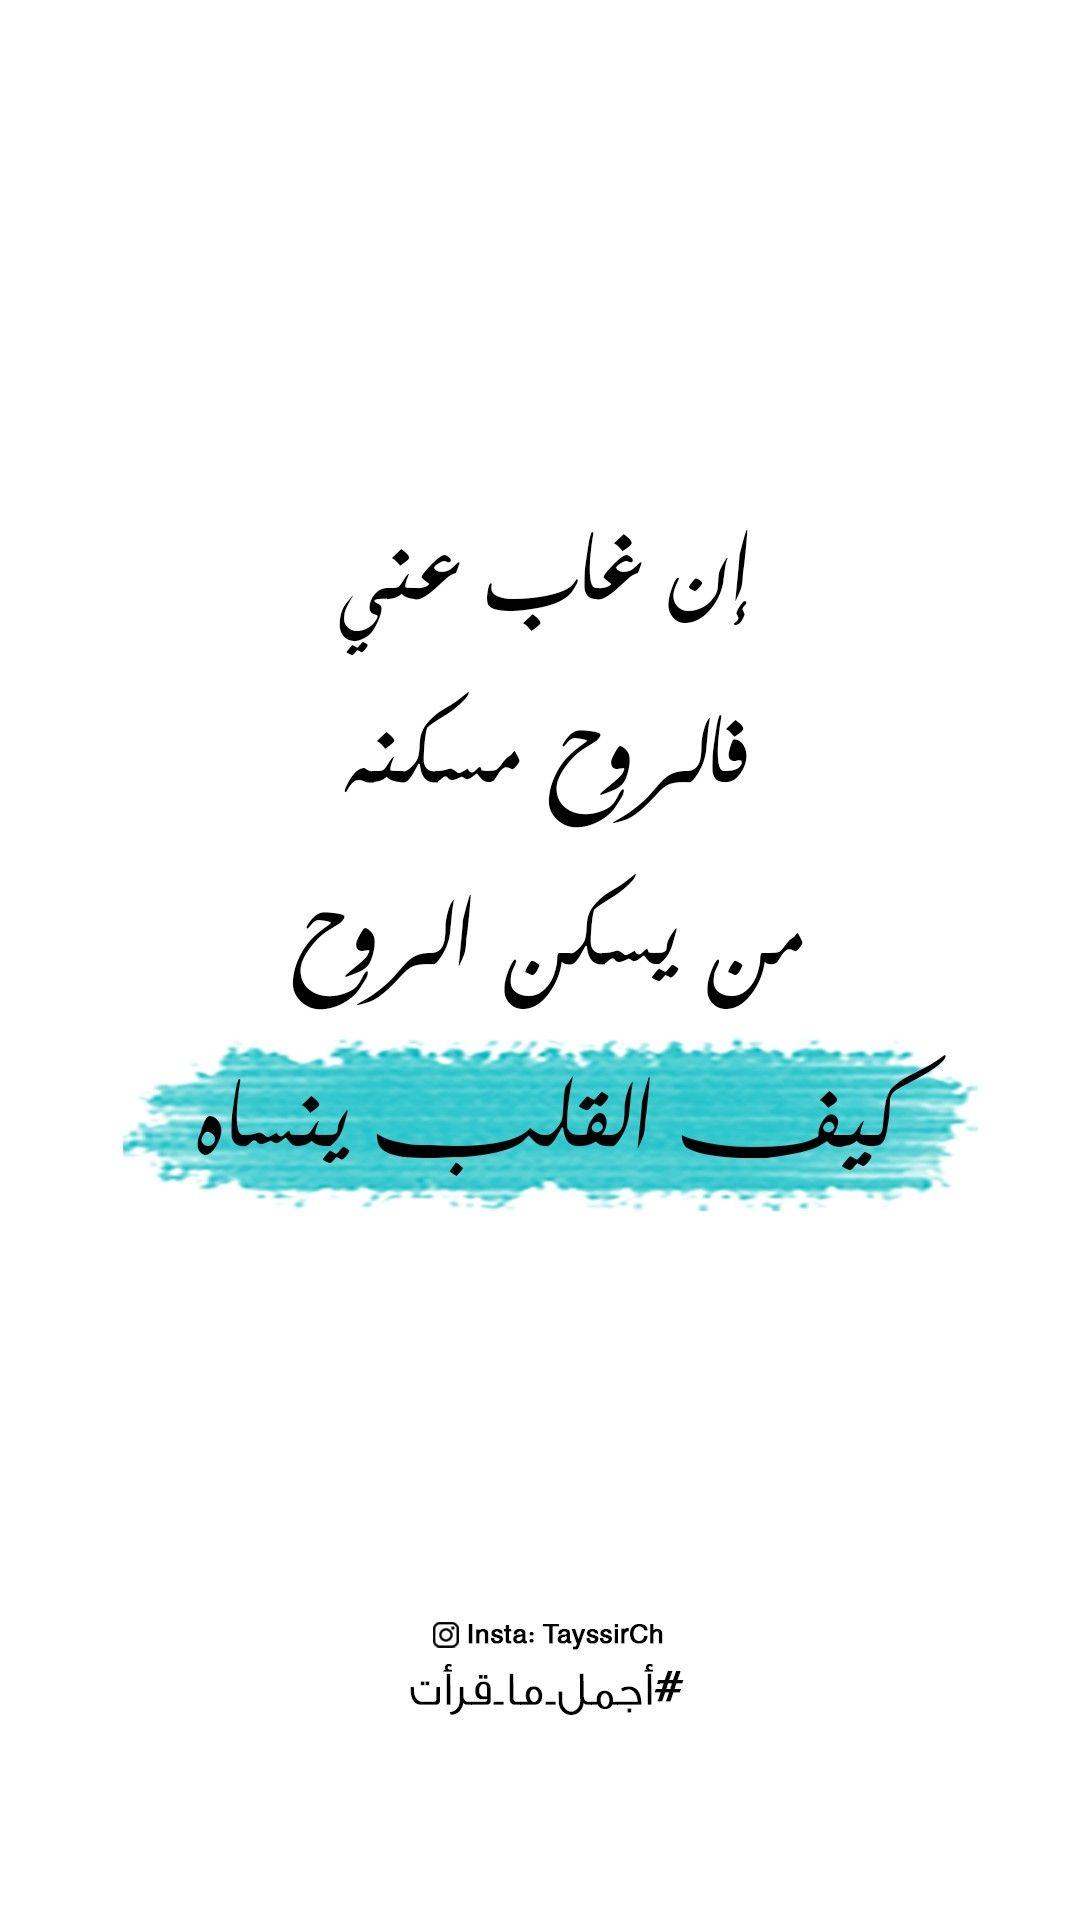 إن غاب عني فالروح مسكنه Talking Quotes Love Words Quotations